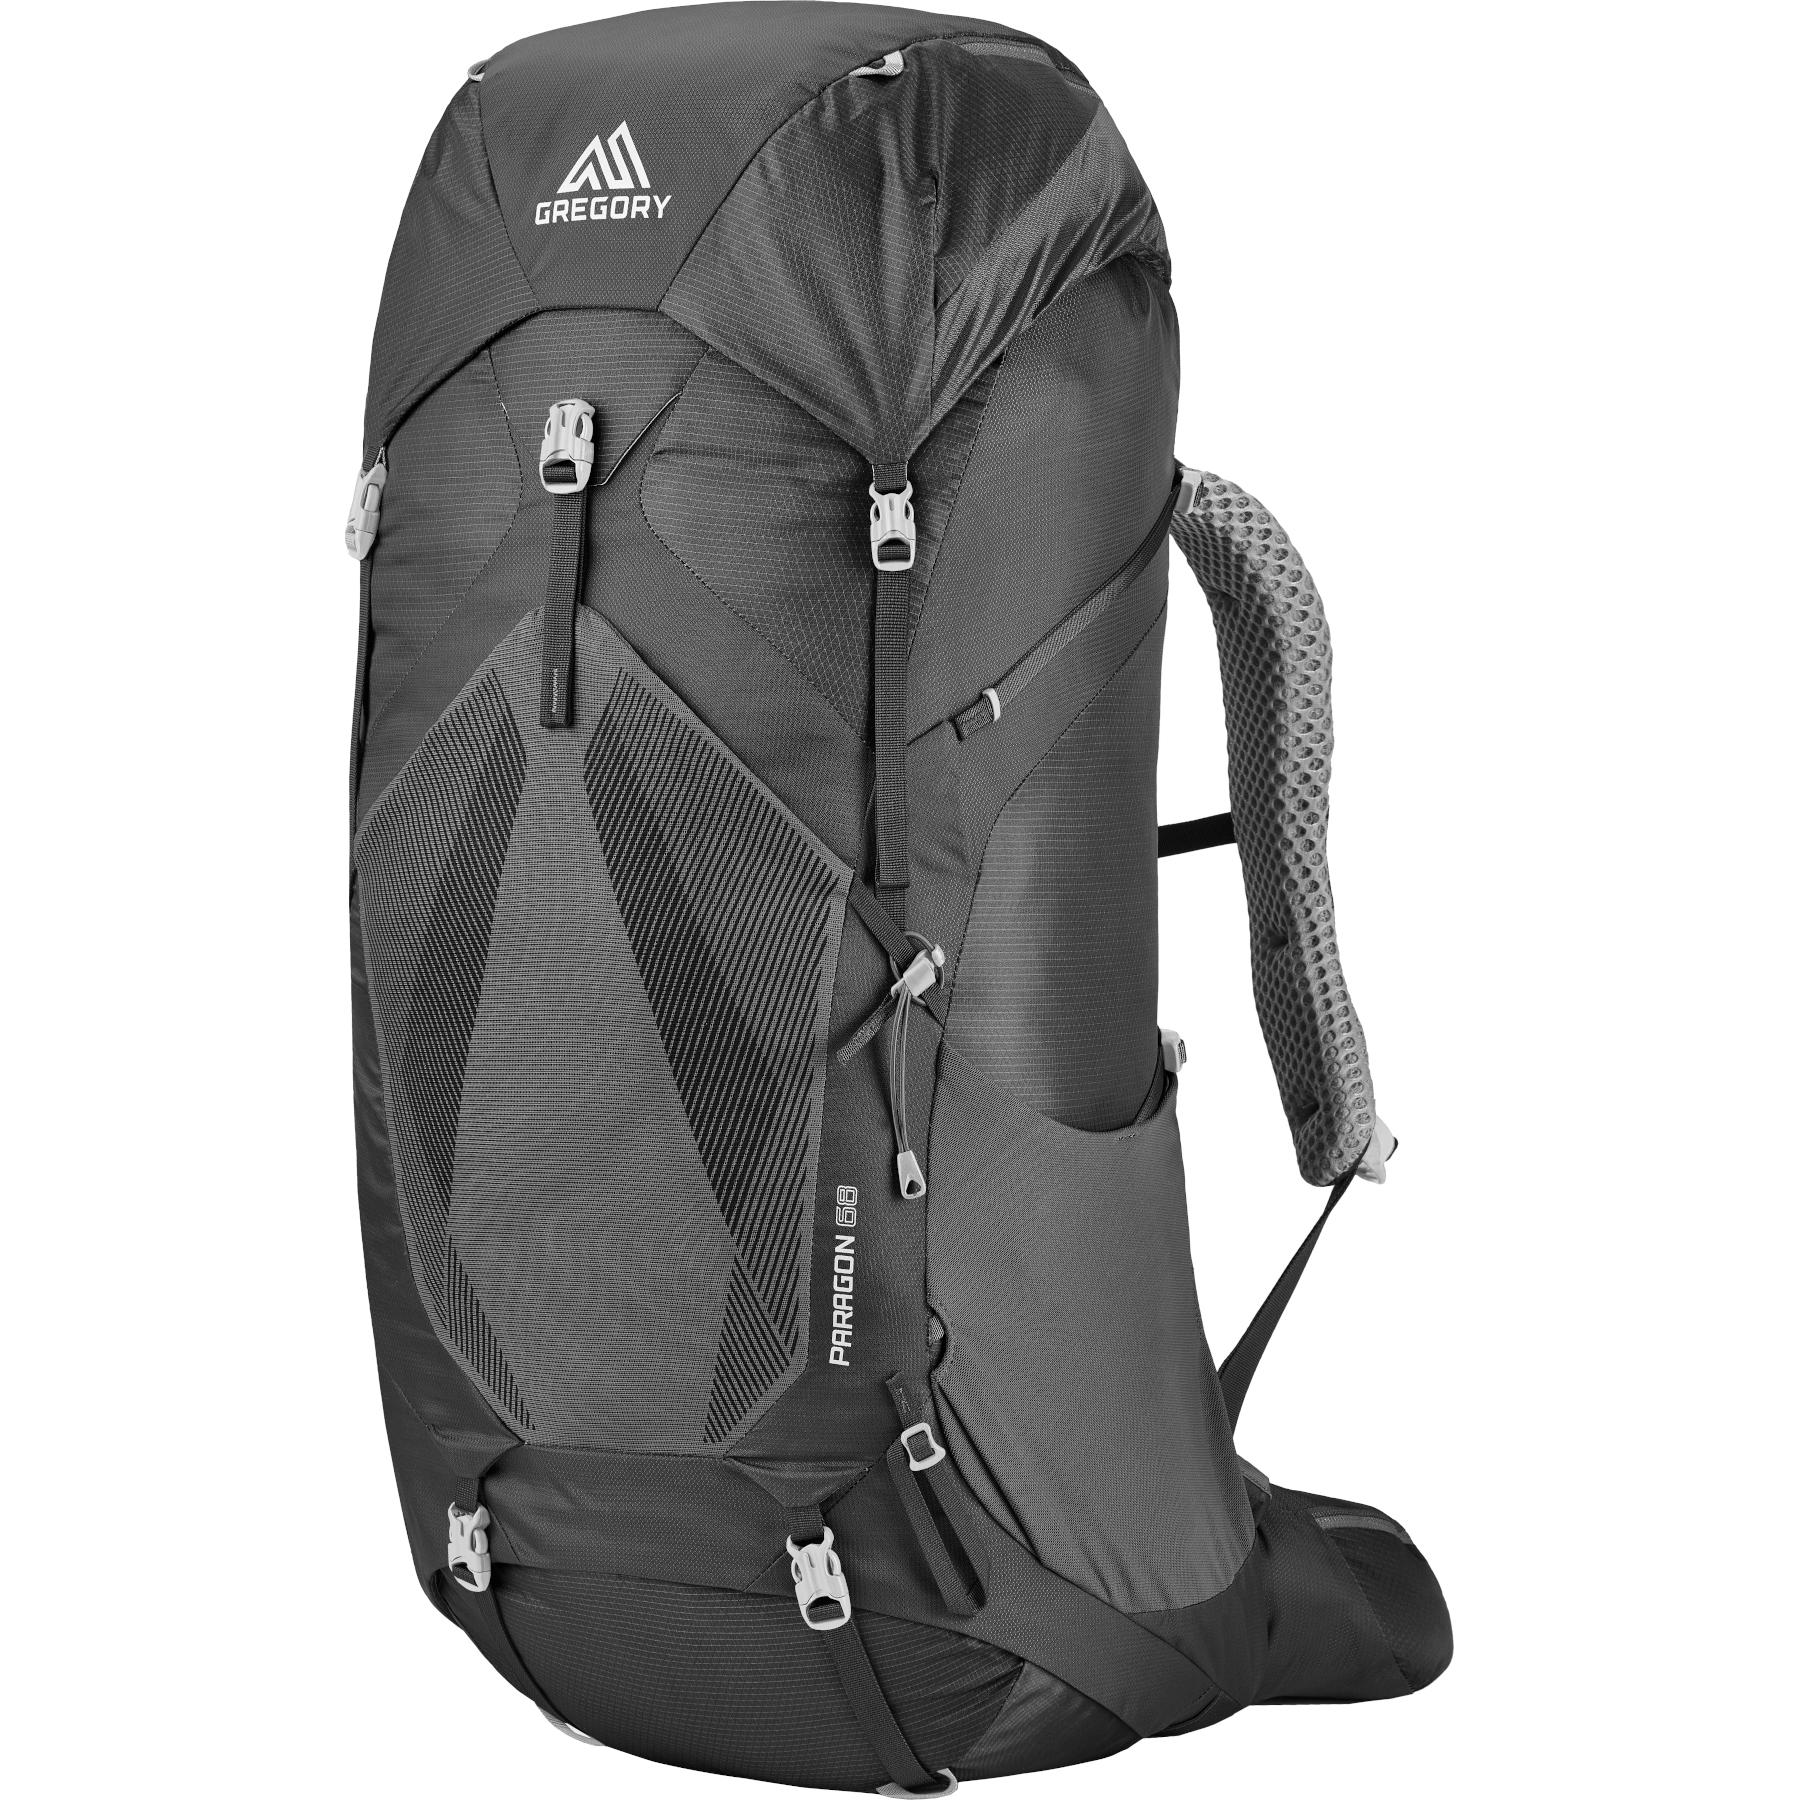 Gregory Paragon 68 Backpack - Basalt Black